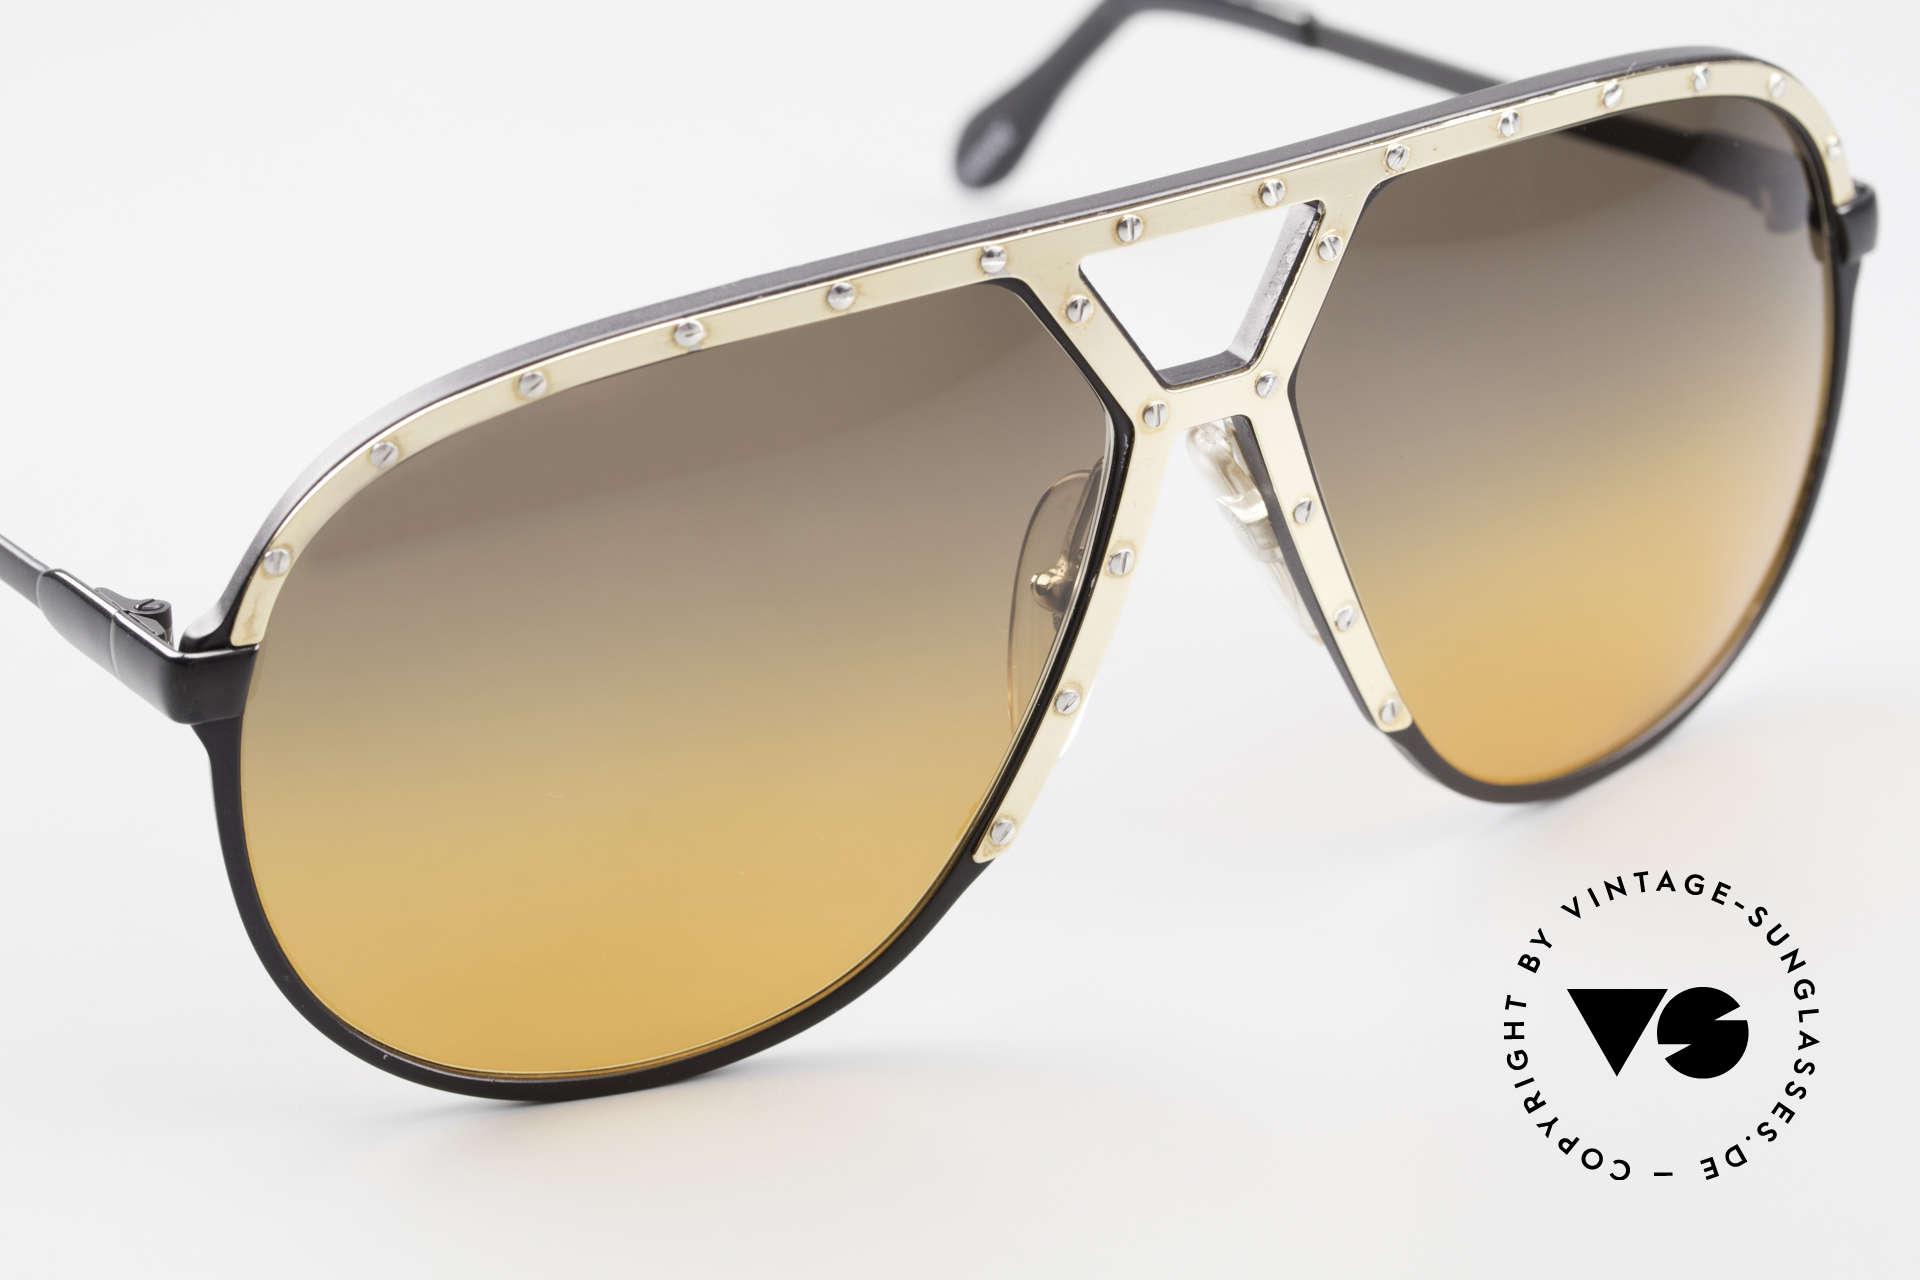 Alpina M1 80er XL Aviator Sonnenbrille, ungetragenes Sammlerstück (inkl. PORSCHE Etui), Passend für Herren